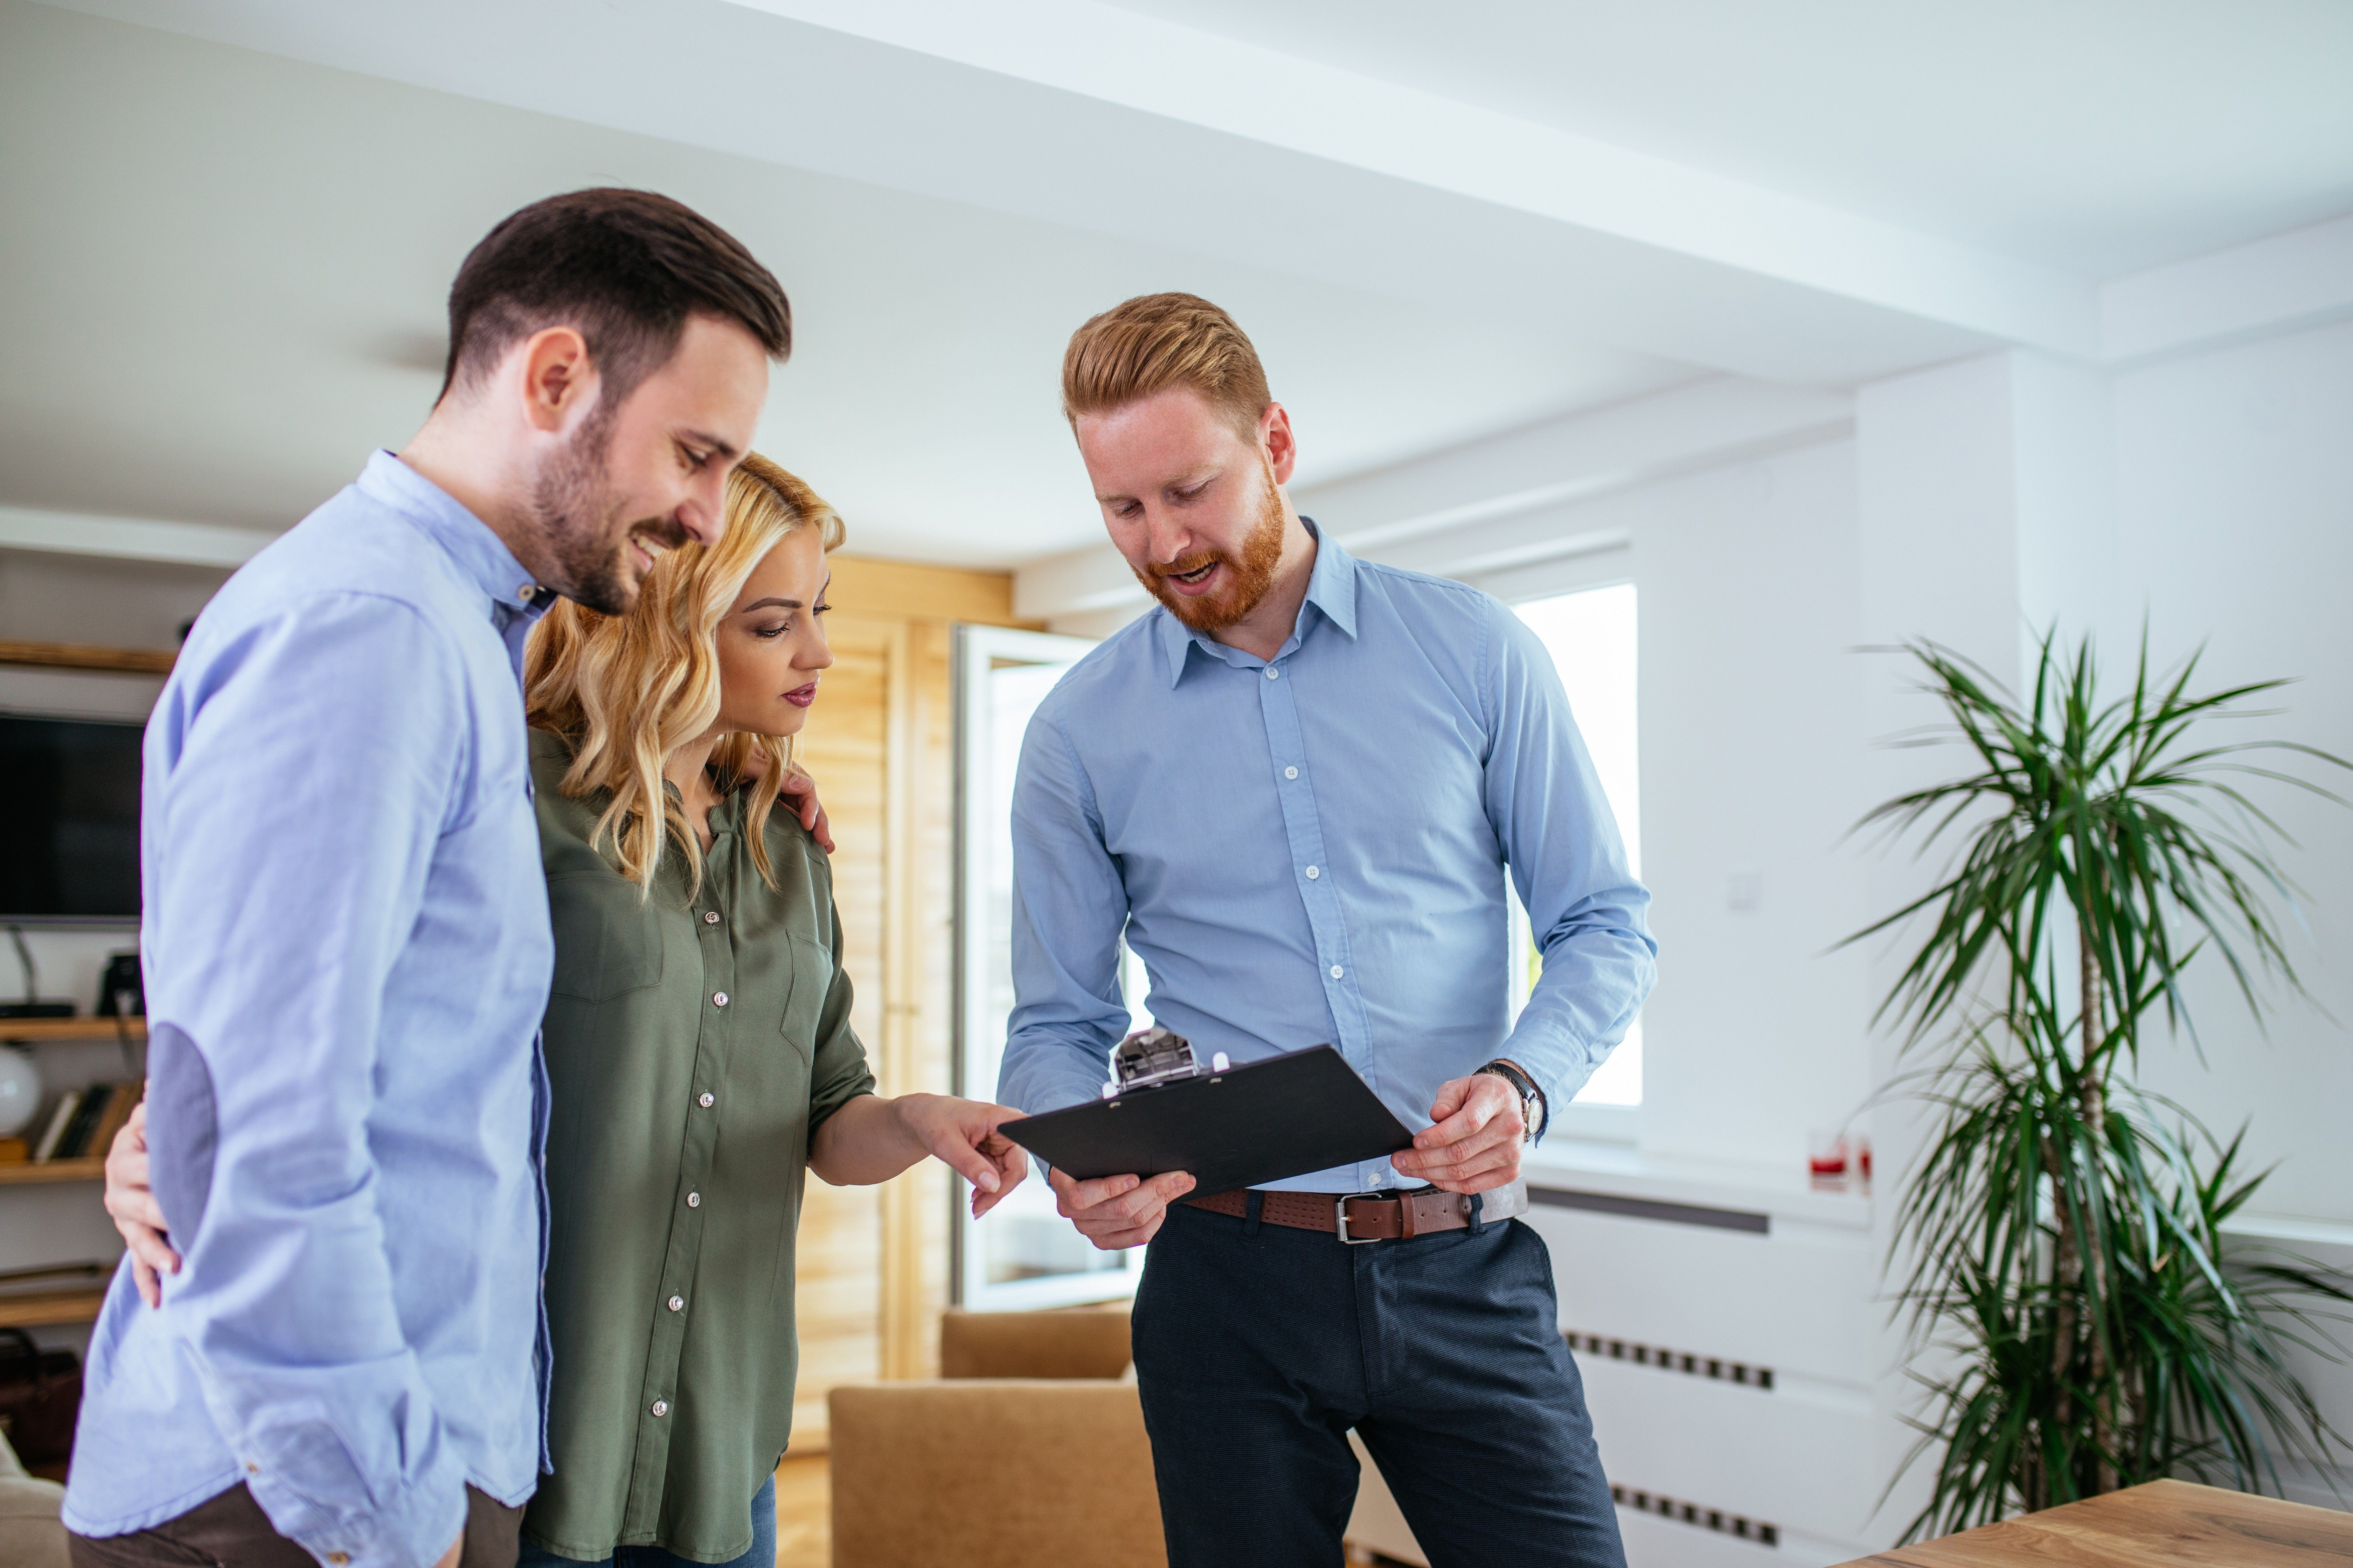 FÅ GODE TILBUD: Avtalbefaring.no er tjenesten for deg som vil enkelt få kontakt med kompetente leverandører som kan gi deg tilbud på tjenestene du trenger.